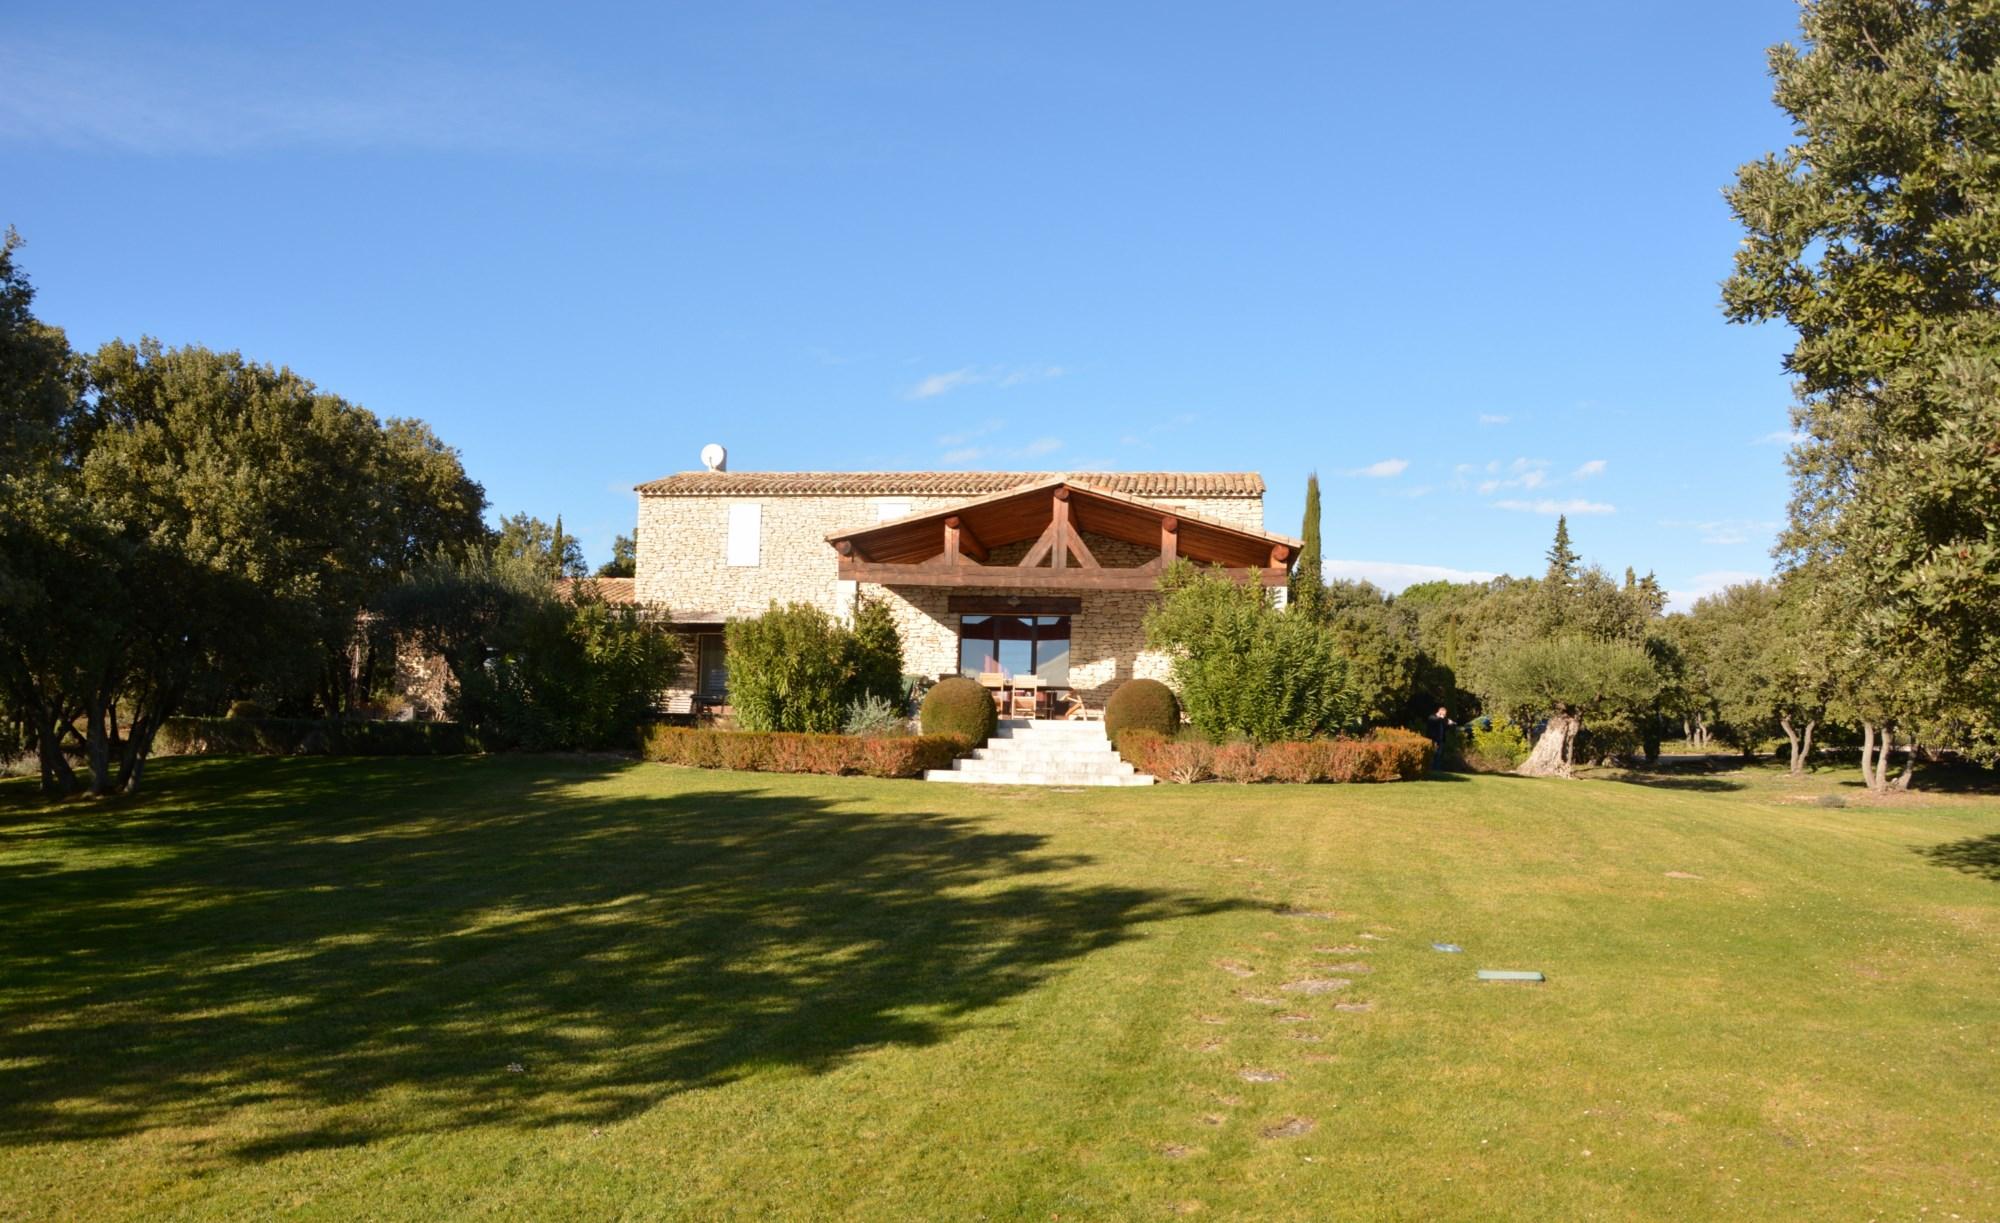 Maison récente à vendre en Luberon